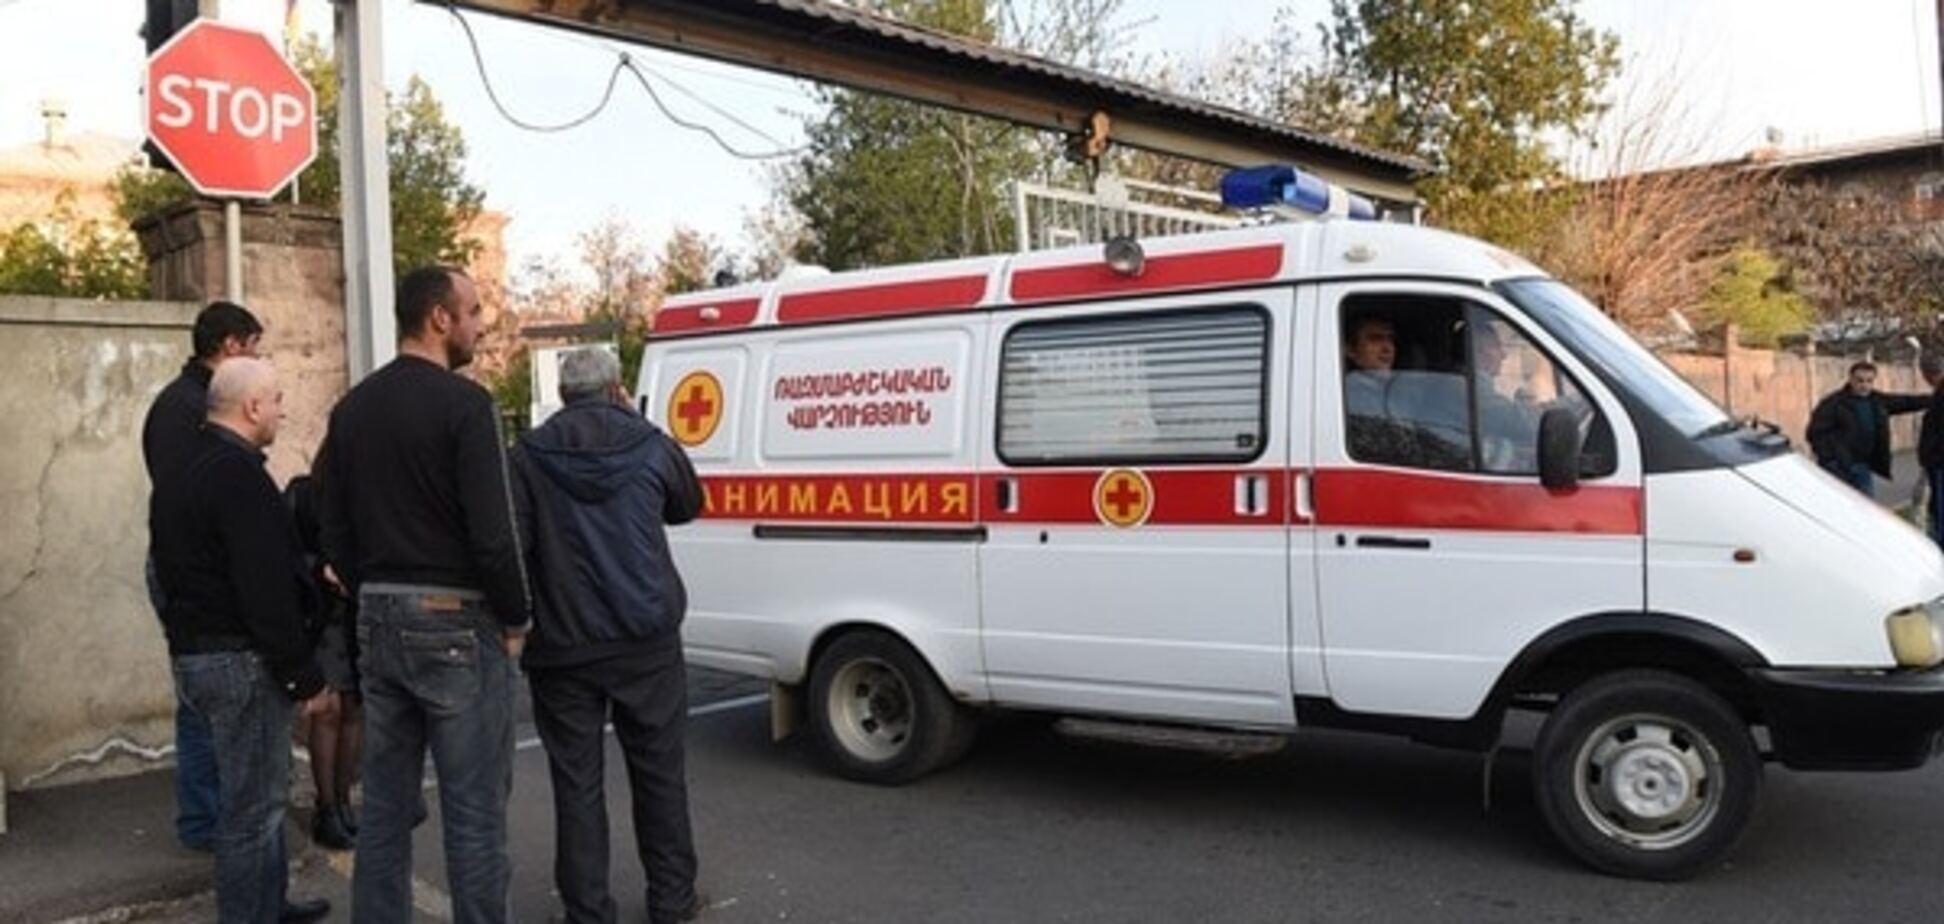 'Прогресу нуль': журналіст знайшов спільне в конфліктах на Донбасі та в Нагірному Карабасі